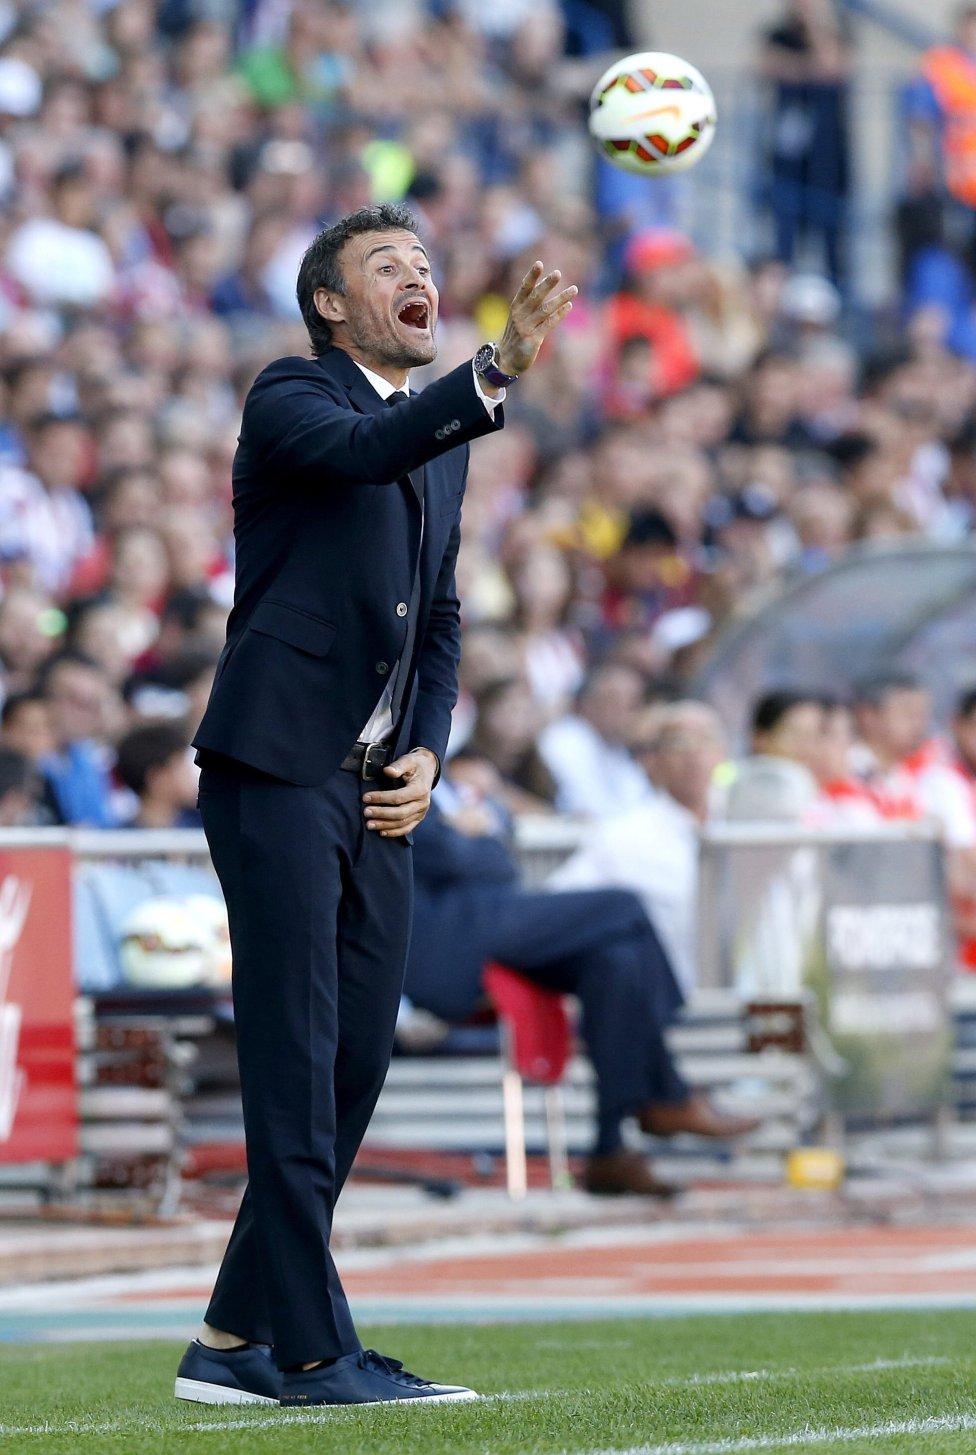 صور : مباراة أتليتيكو مدريد - برشلونة 0-1 ( 17-05-2015 )  1431882723_714580_1431884234_album_grande